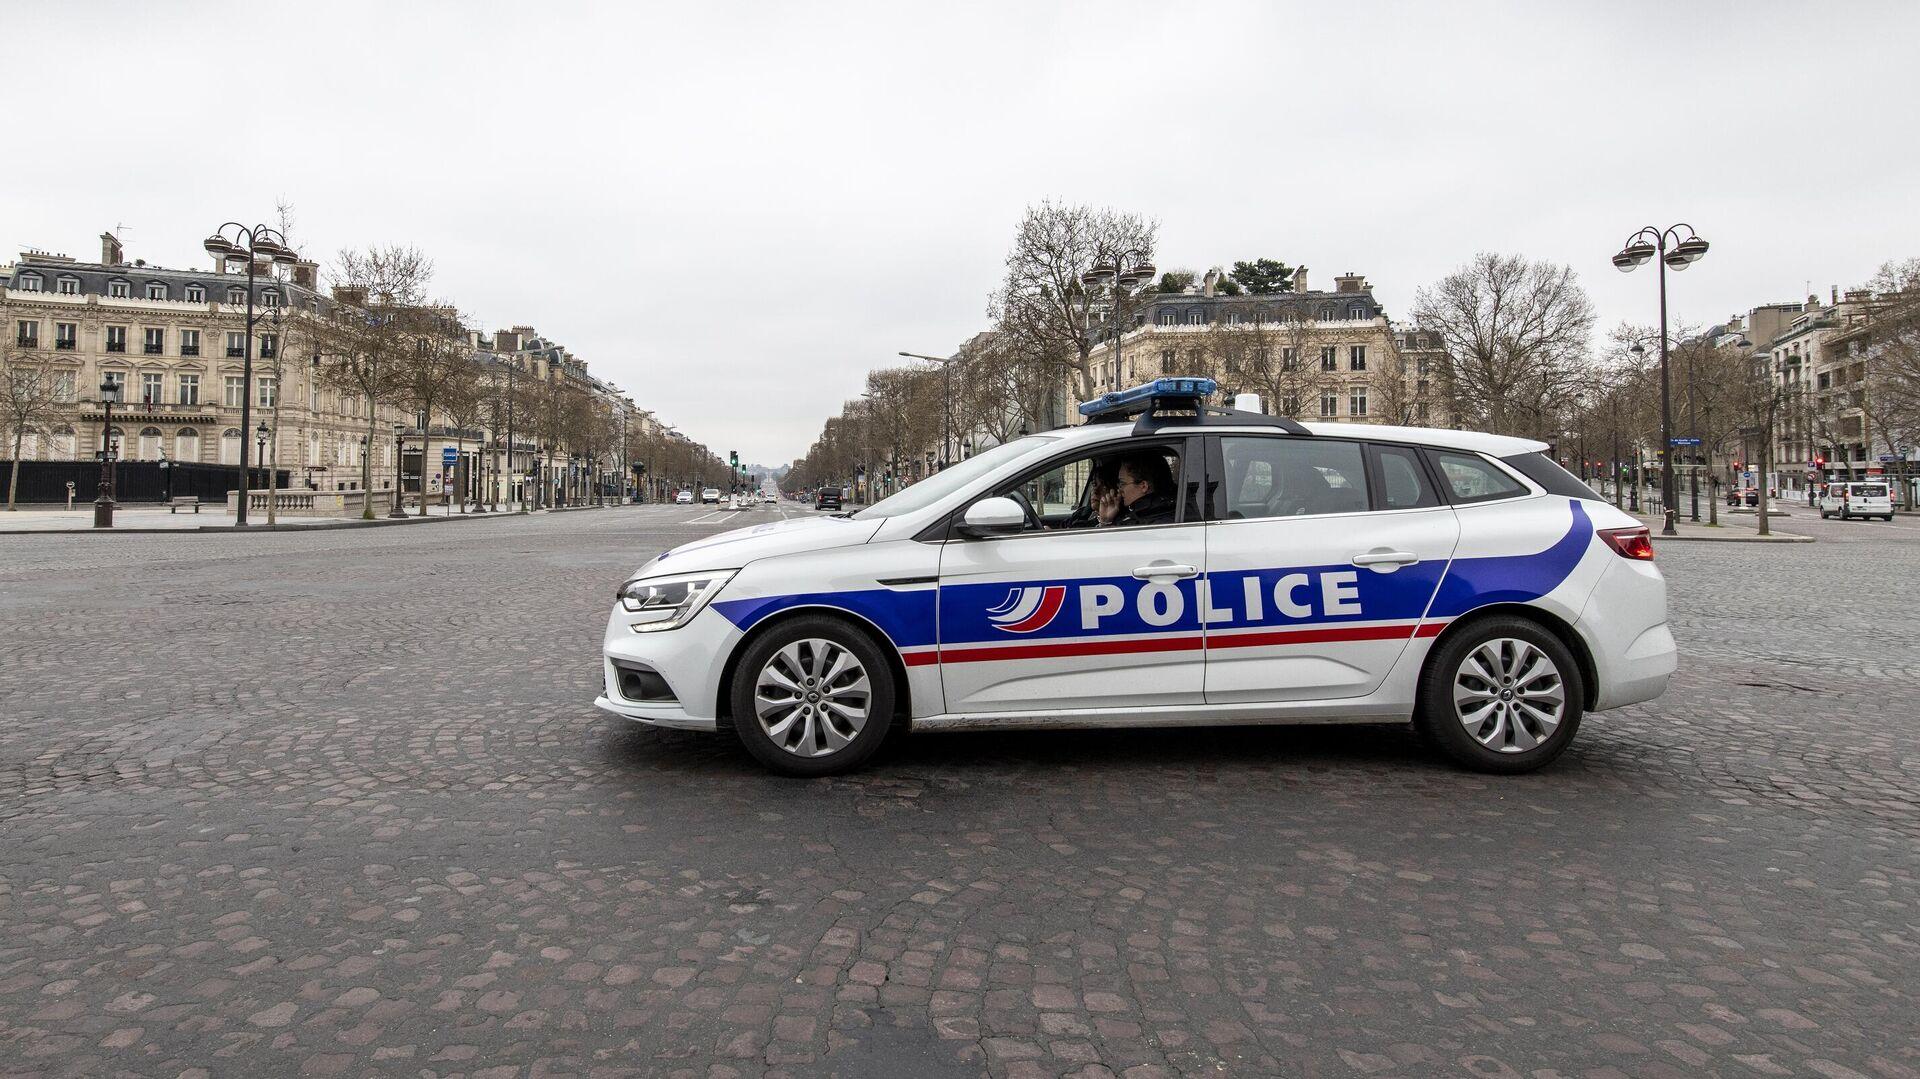 Автомобиль полиции на безлюдной улице в Париже - РИА Новости, 1920, 14.11.2020